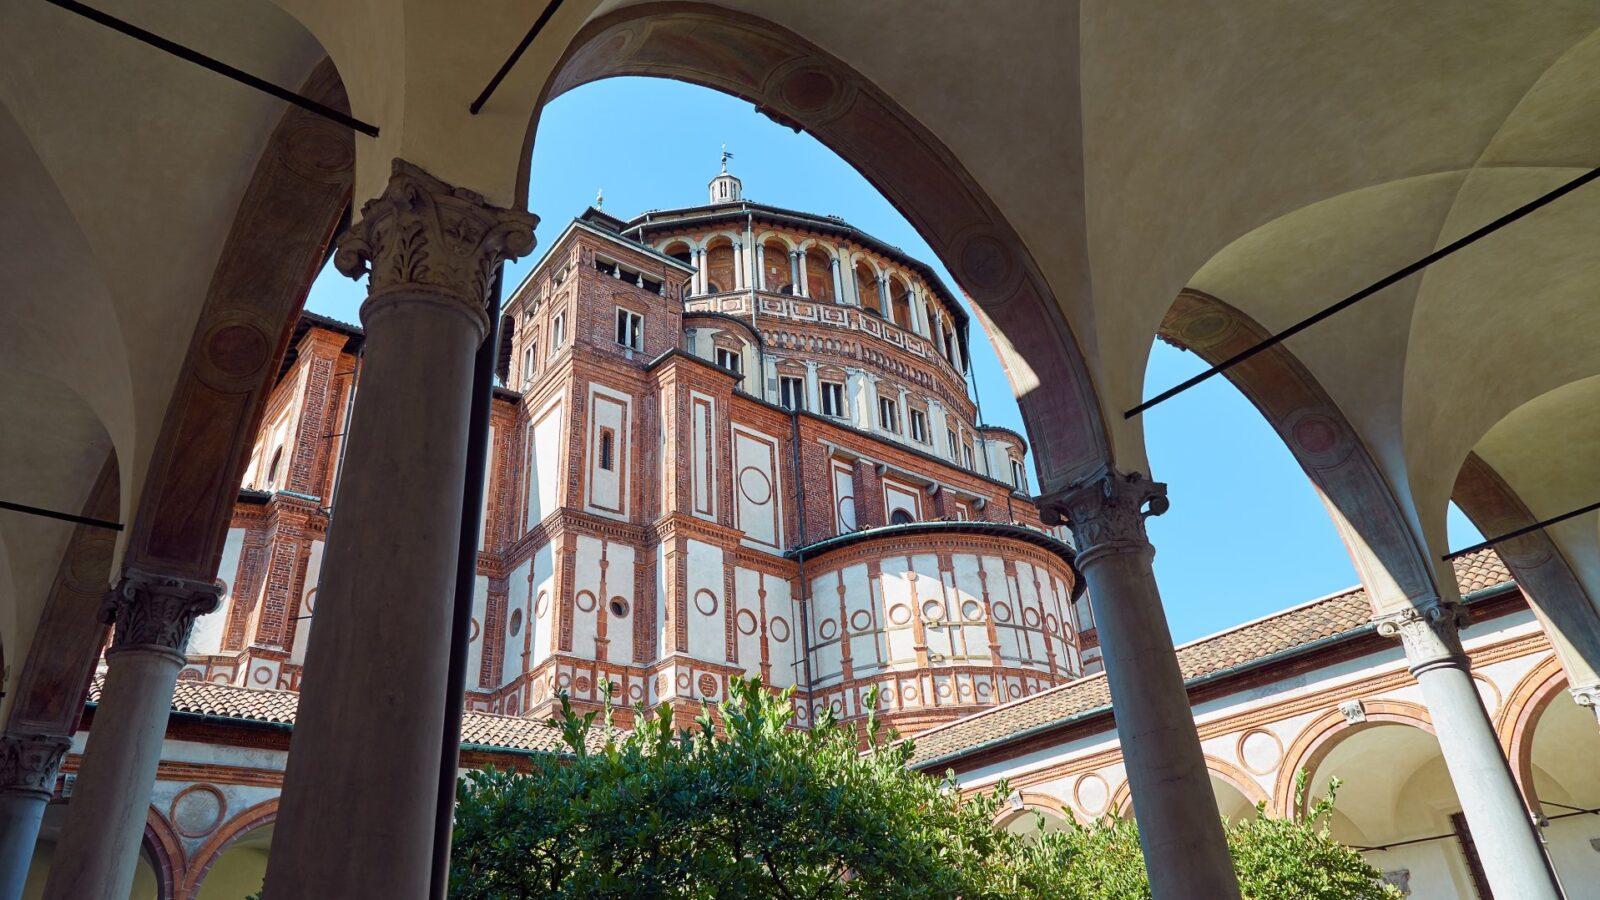 Hotel Principe di Savoia Milan, Discover Leonardo offer, Santa Maria delle Grazie Church